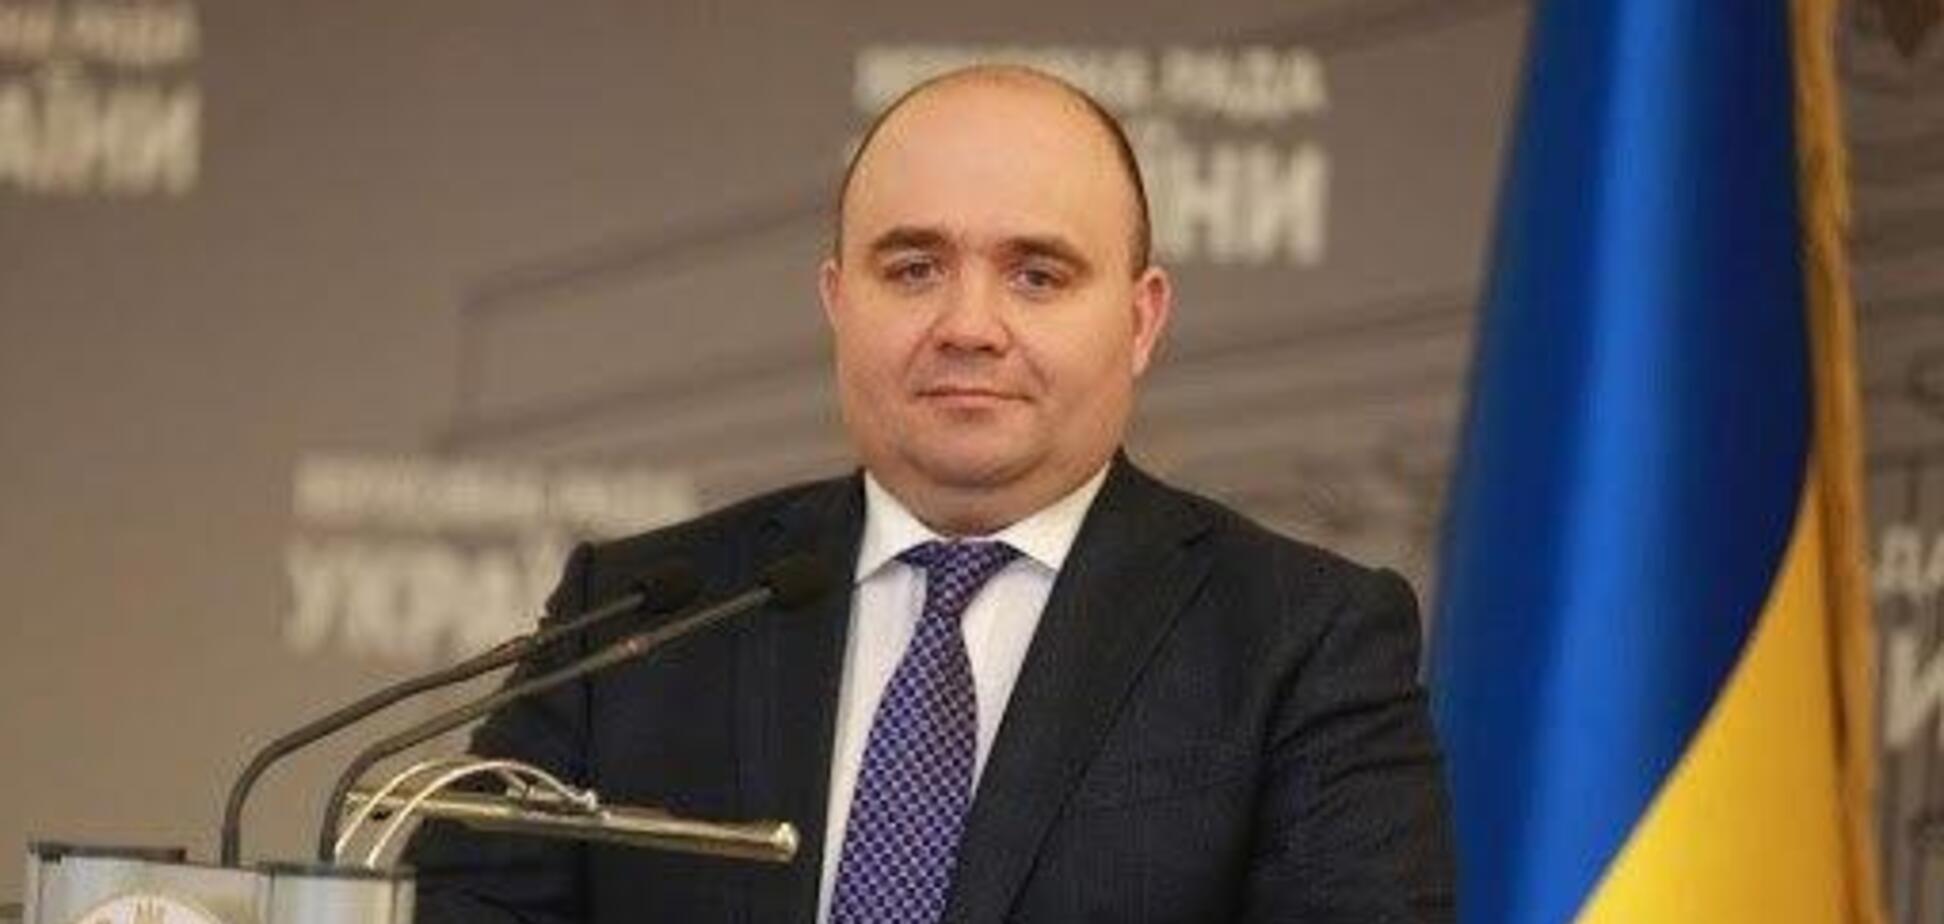 Коронавирус нашли у нардепа от партии Медведчука – Гончаренко